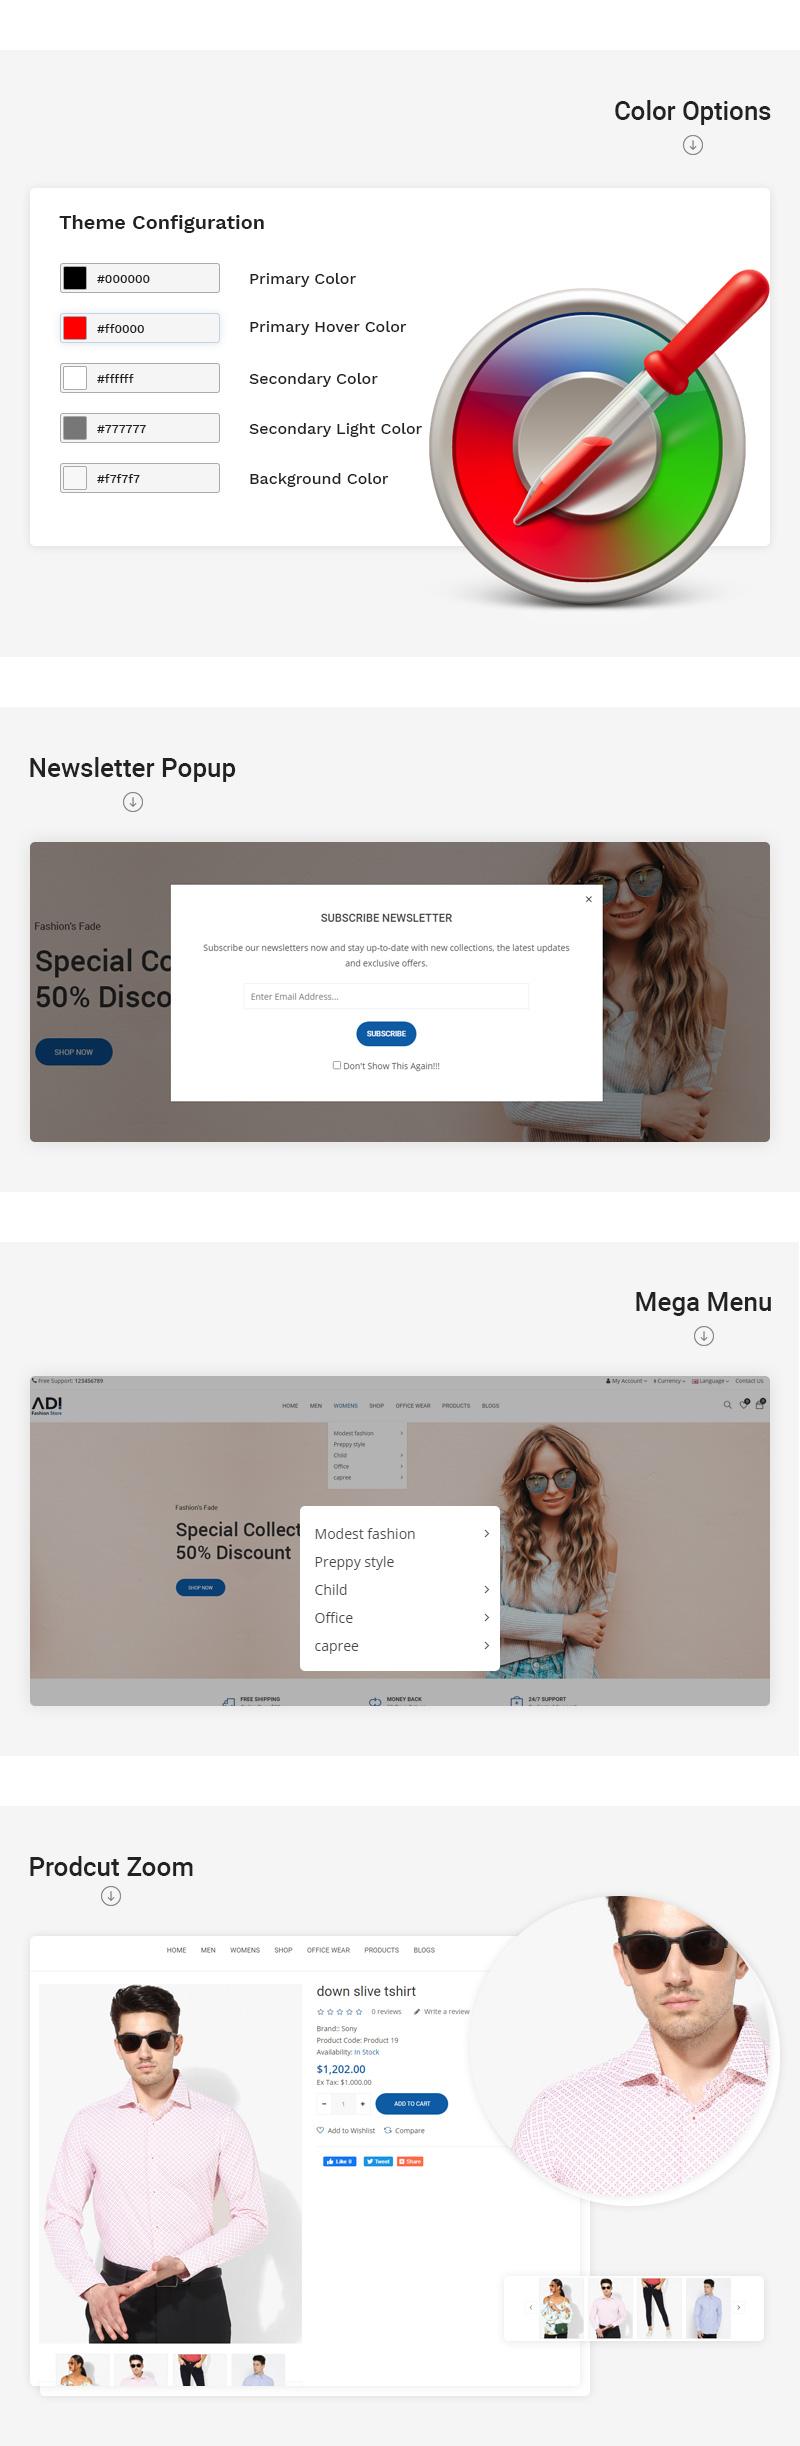 adi-features-3.jpg